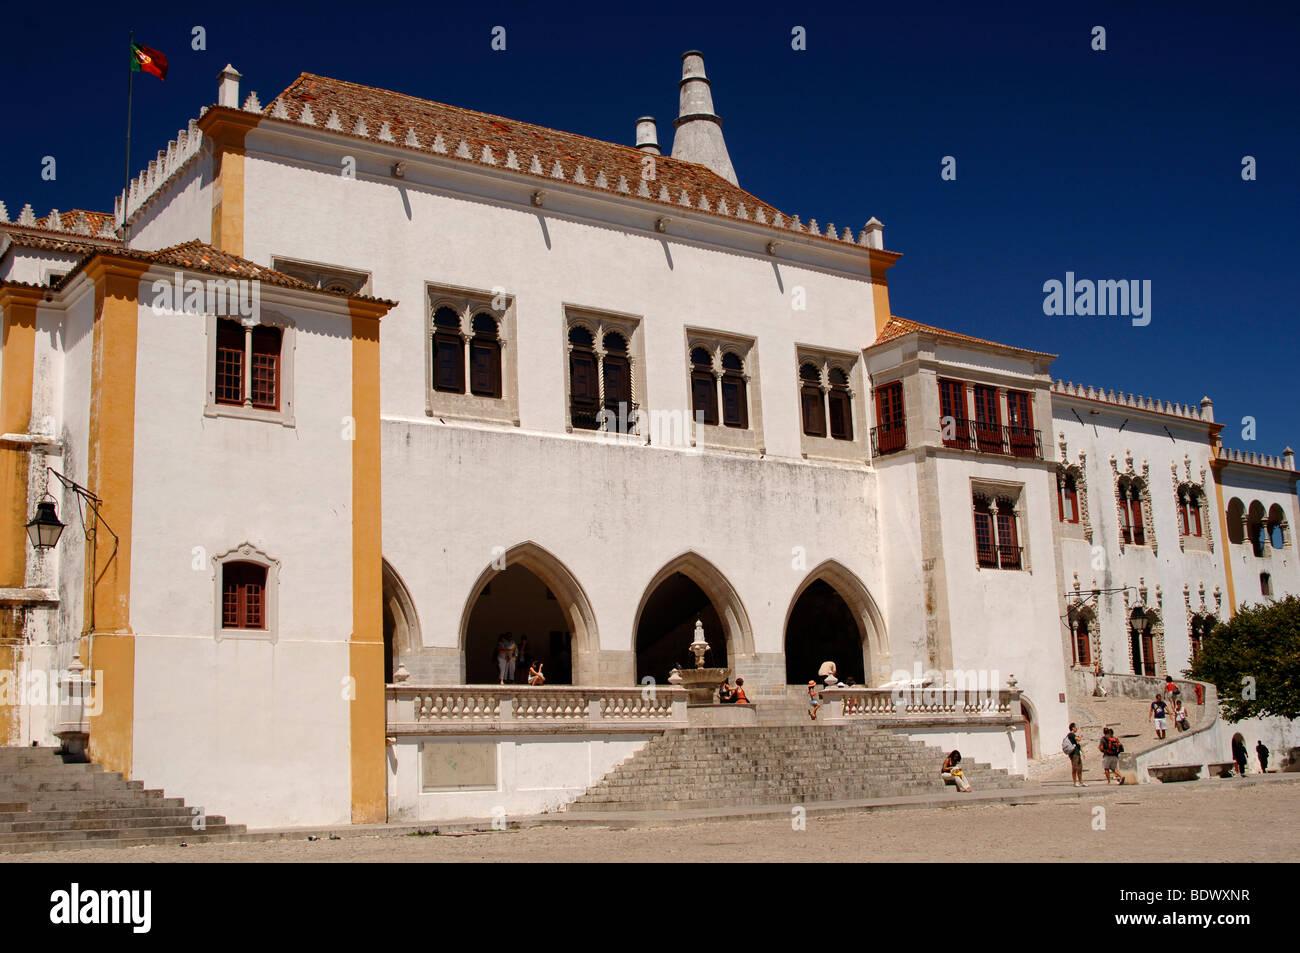 Palacio Nacional Sintra Portugal - Stock Image